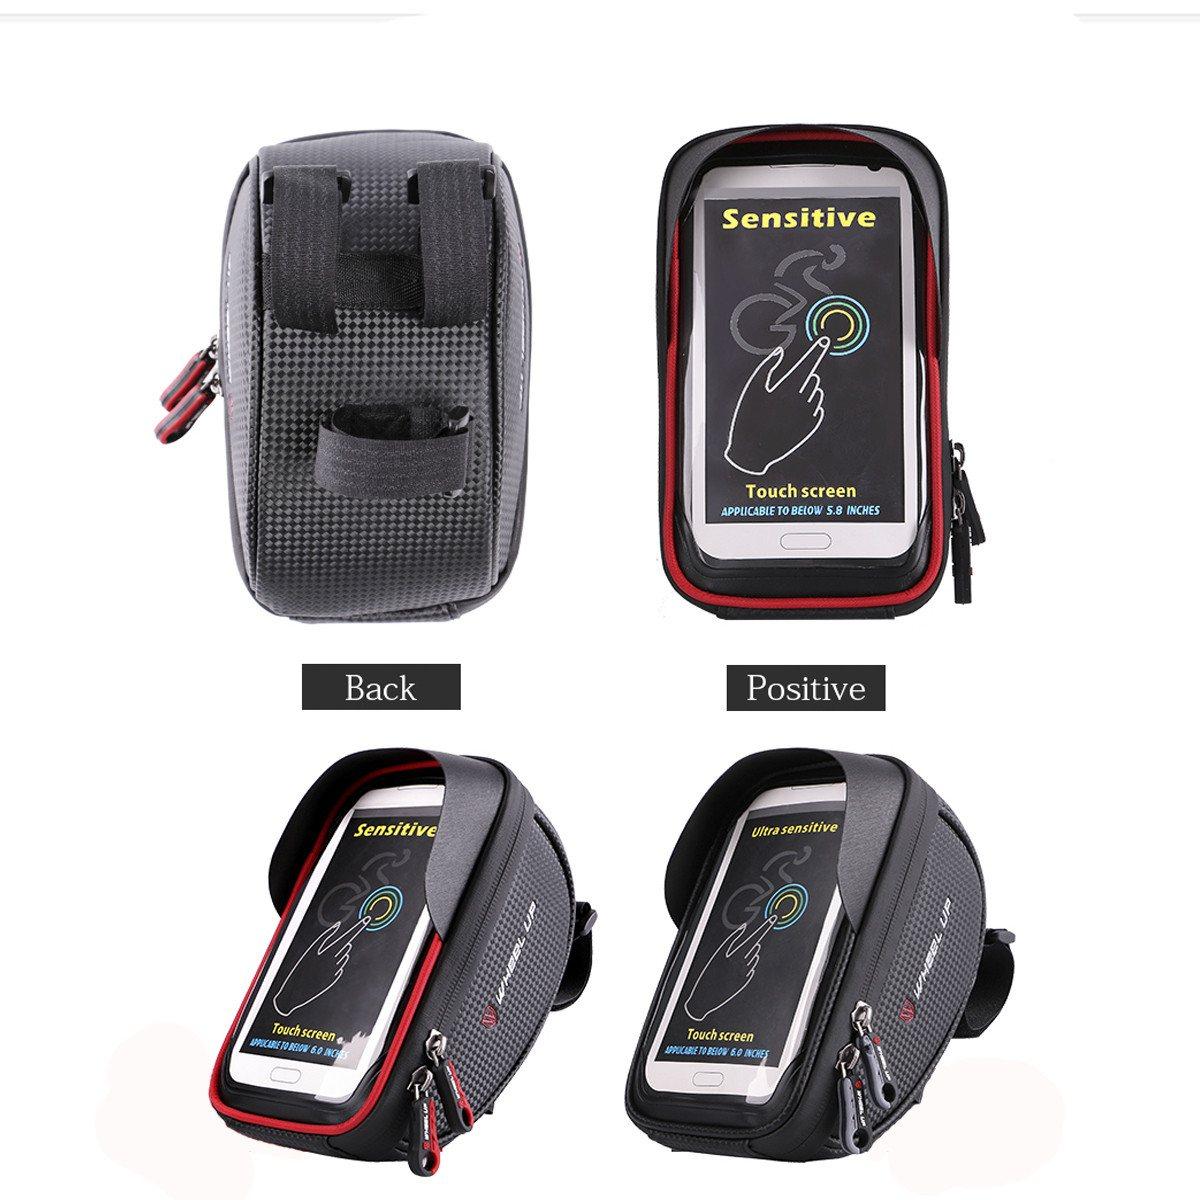 Wheelup Мотоцикл Велосипед Водонепроницаемый 6 дюймов Руль Передняя сумка для сотового телефона Спорт на открытом воздухе Велоспорт сумка Кор...